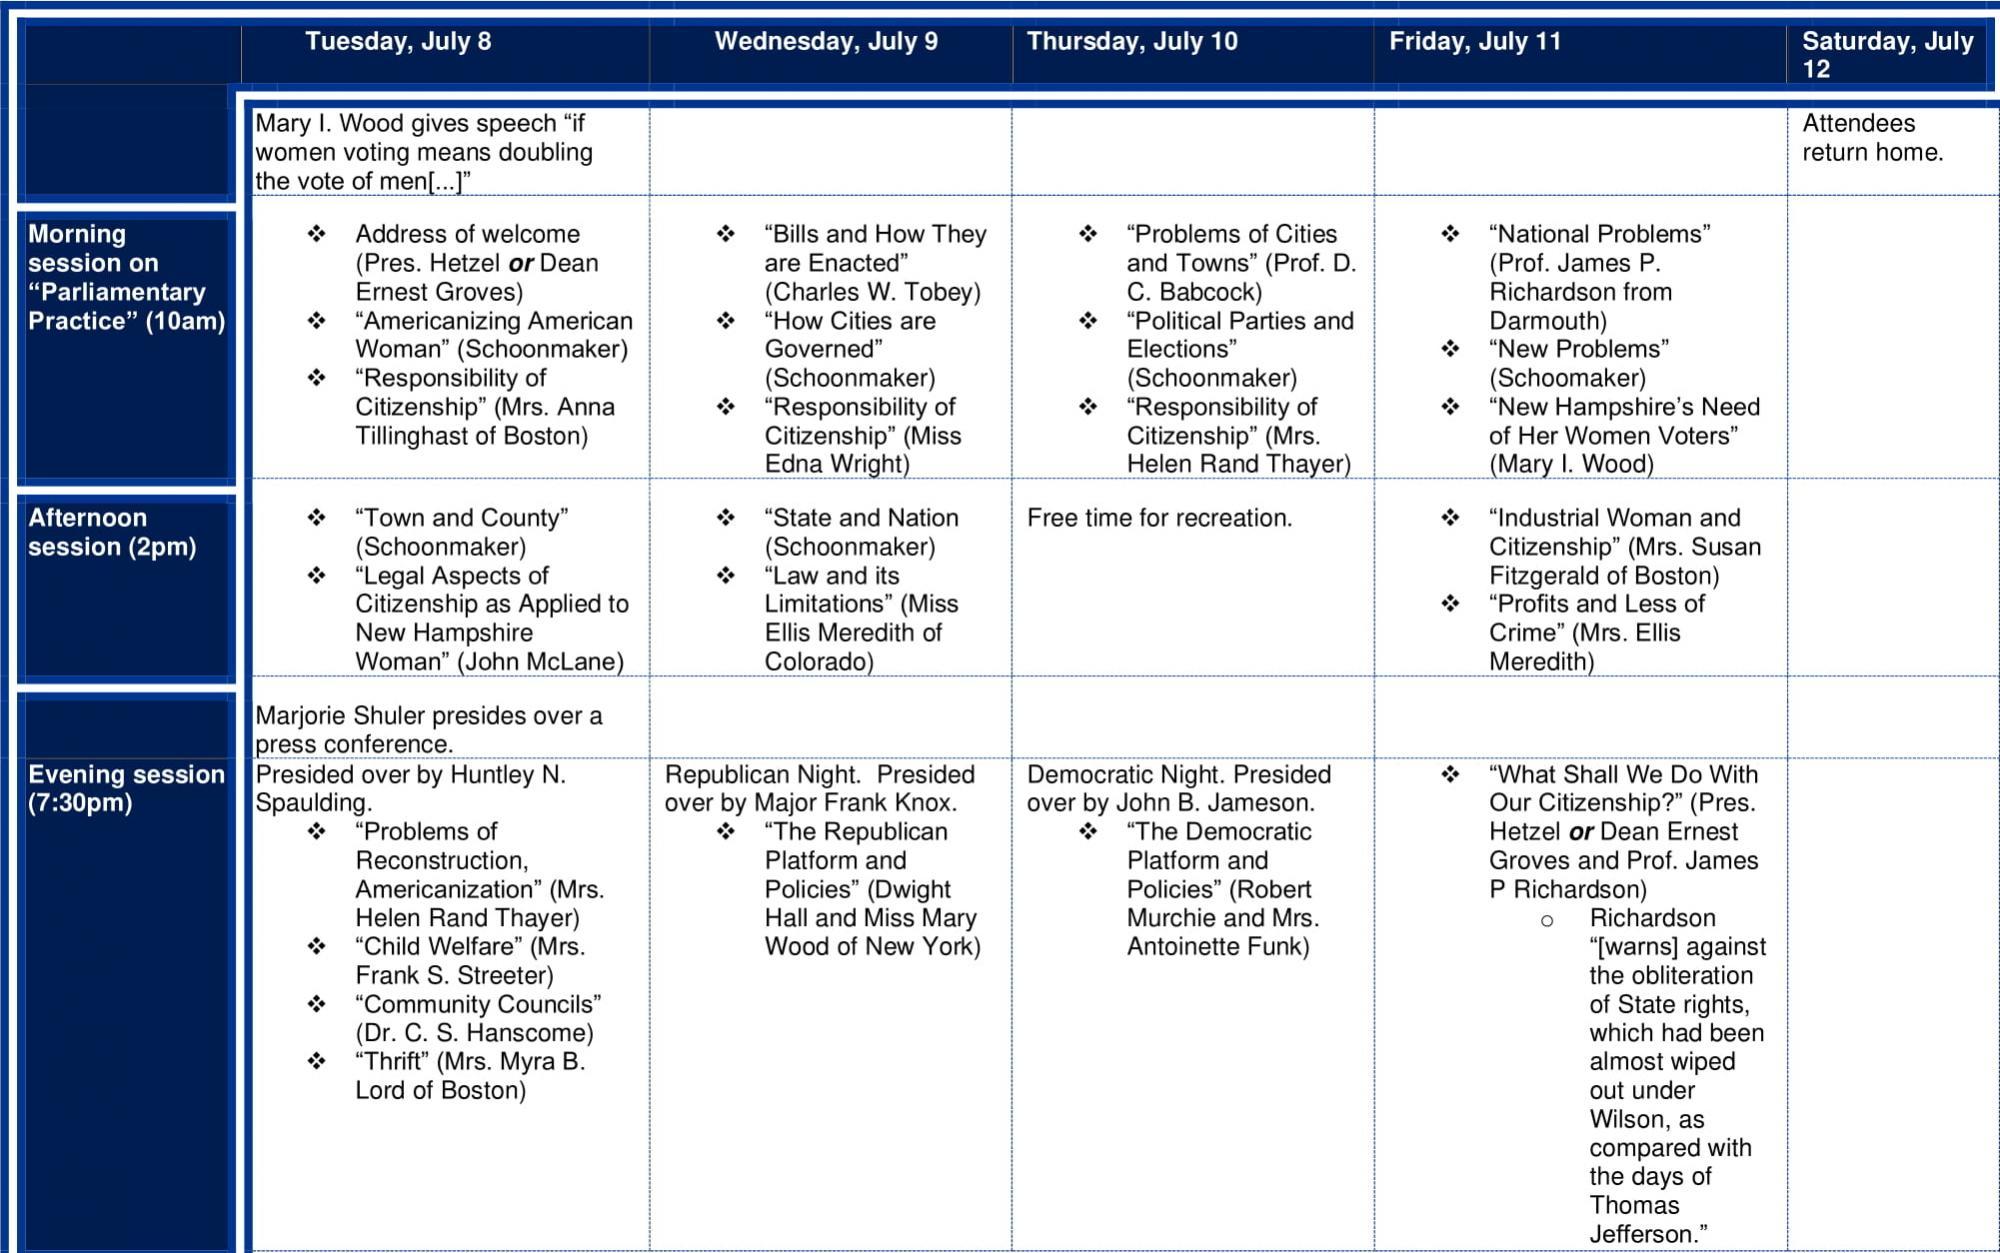 Schedule for school